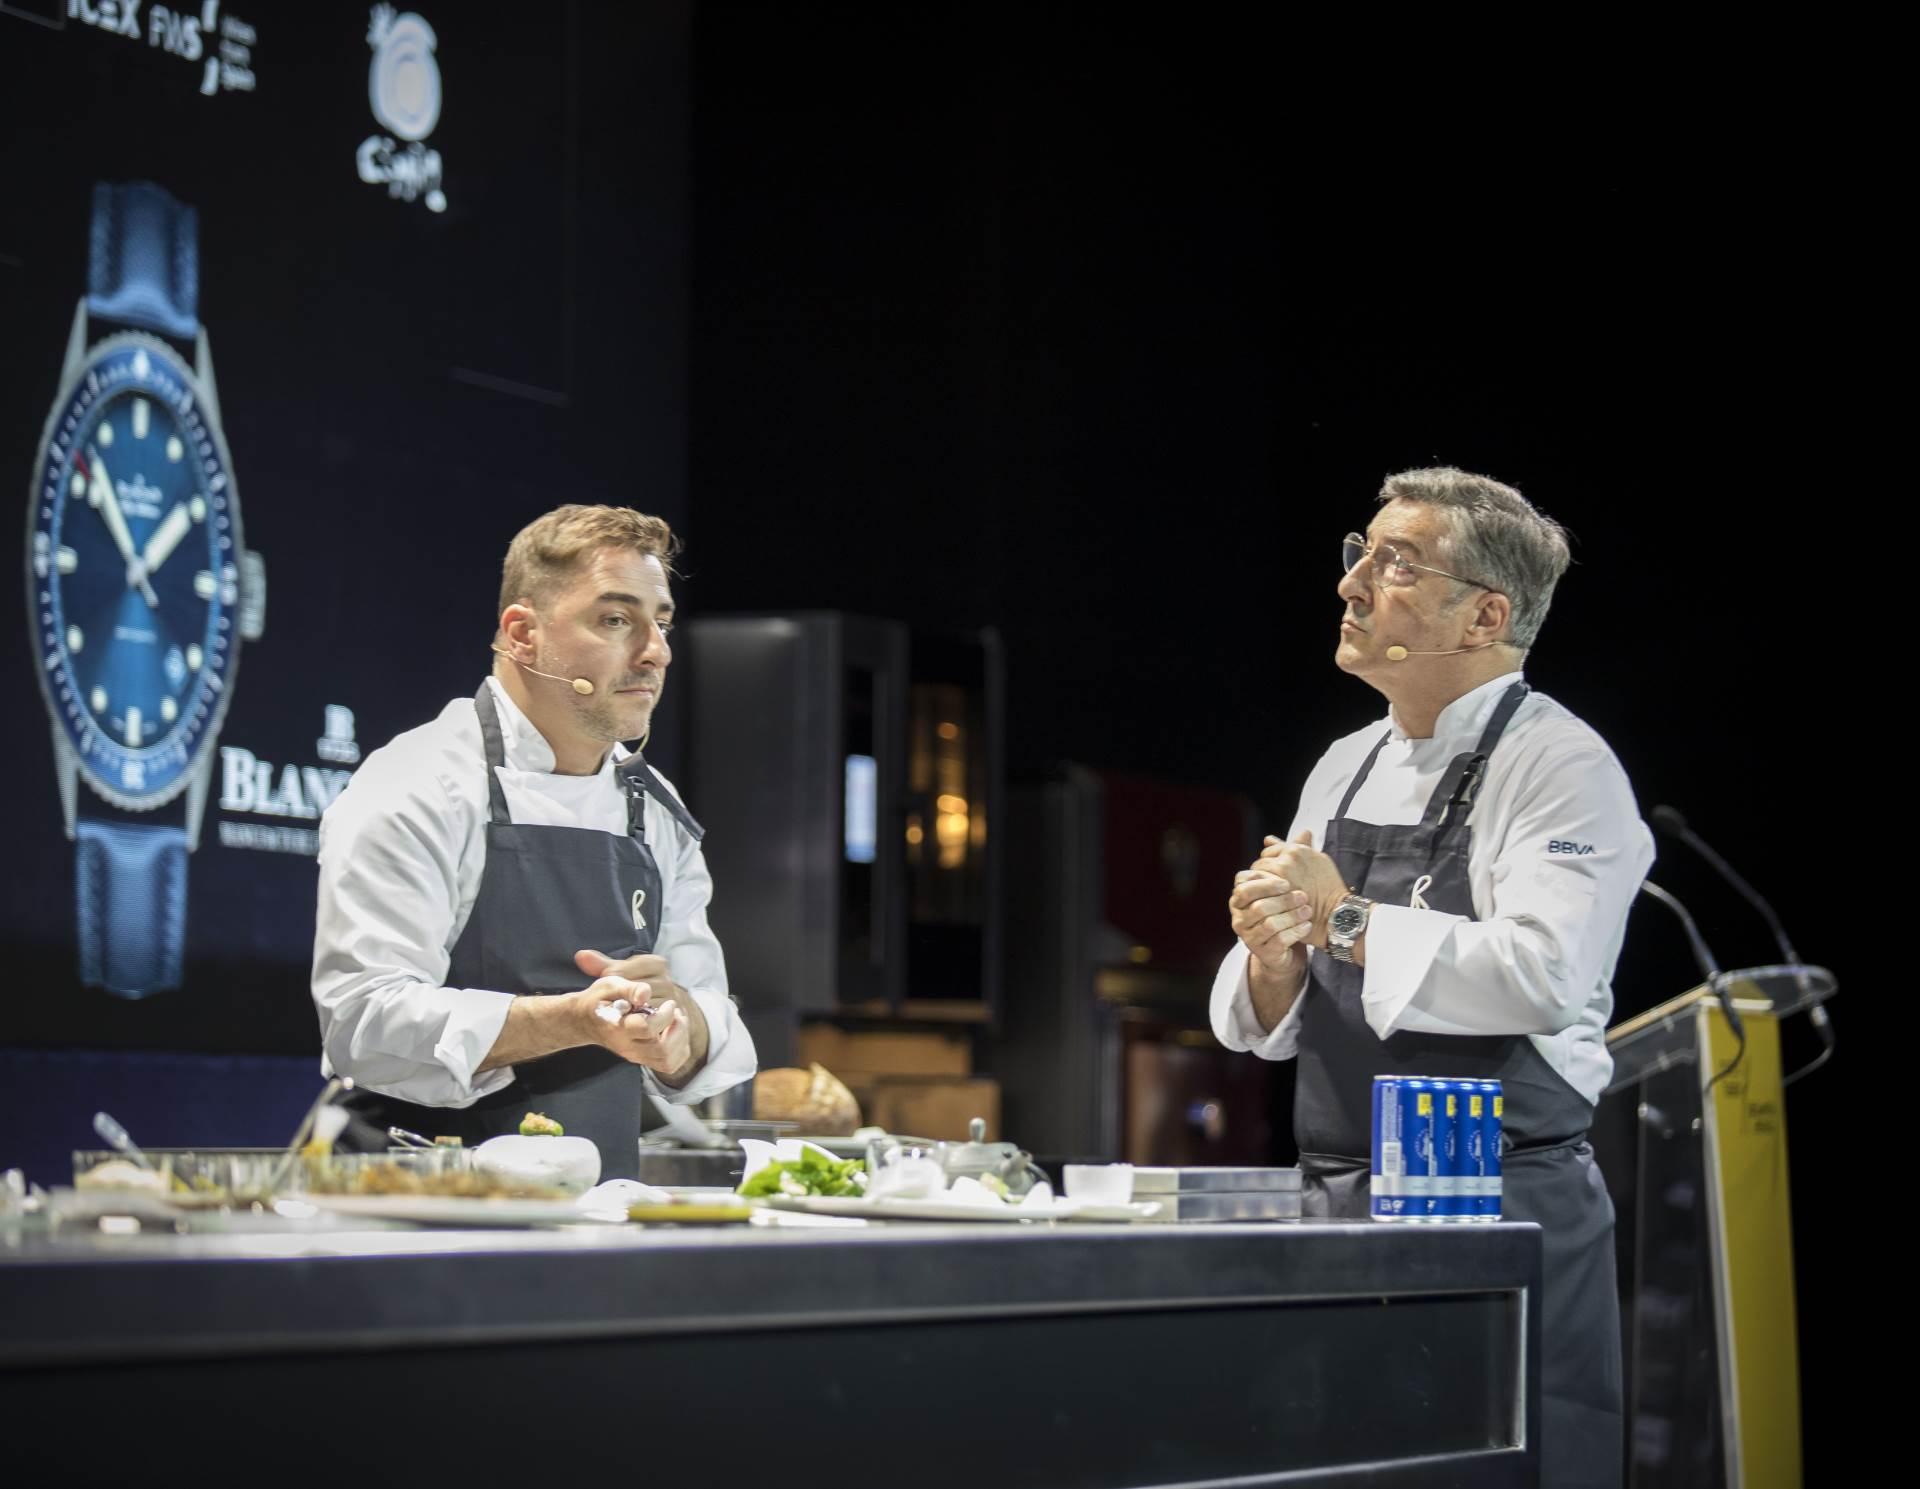 Slavna braća Roca najavili su novi budući restoran naziva Normal